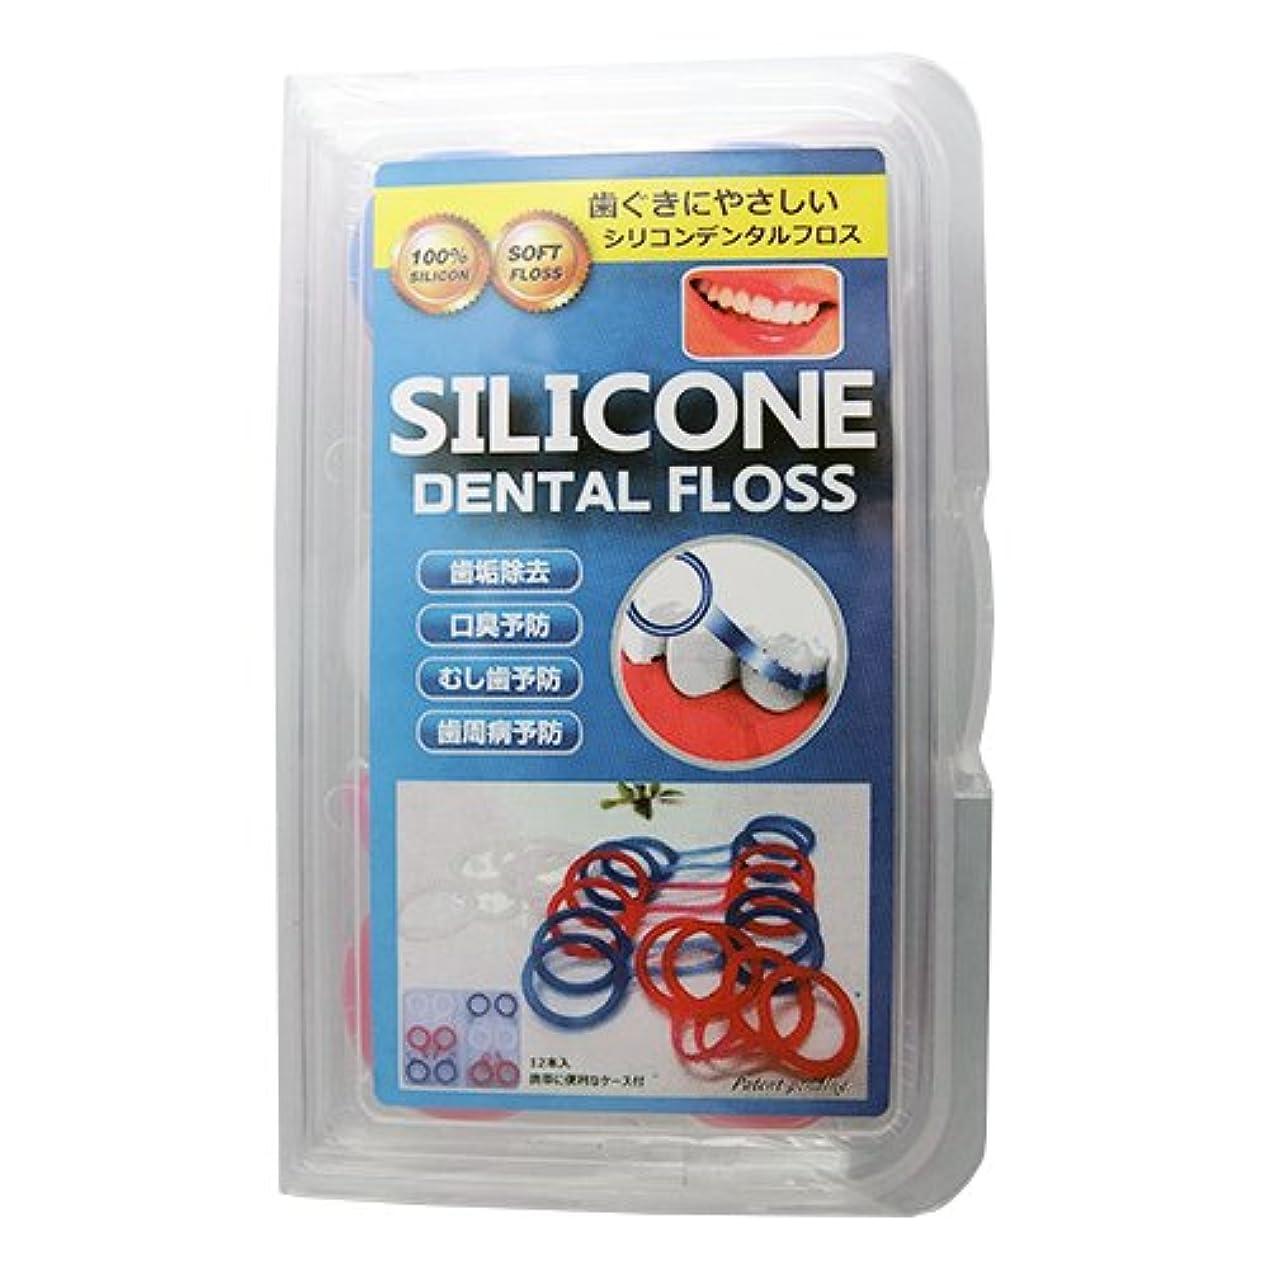 うま警告する表面マイクロテック シリコンデンタルフロス 1箱(12本入)